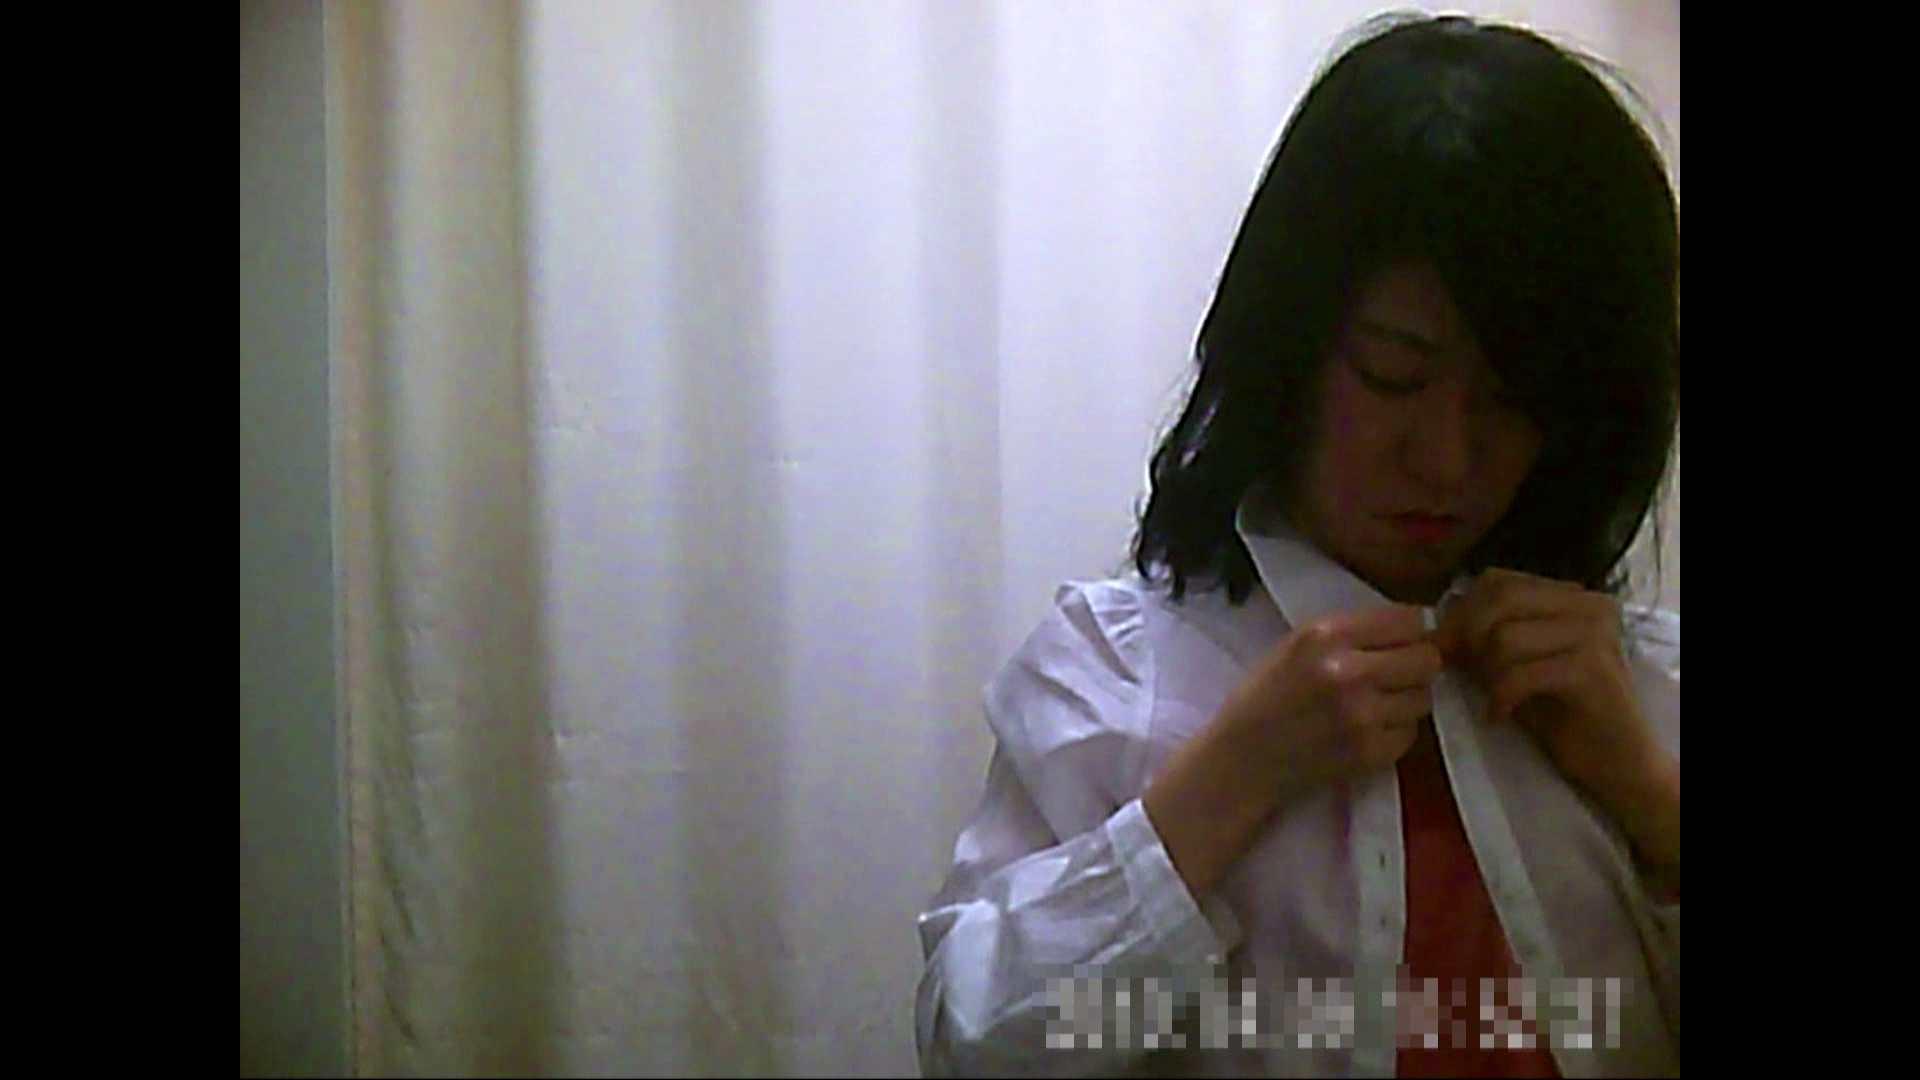 元医者による反抗 更衣室地獄絵巻 vol.097 OLの実態   0  87pic 11